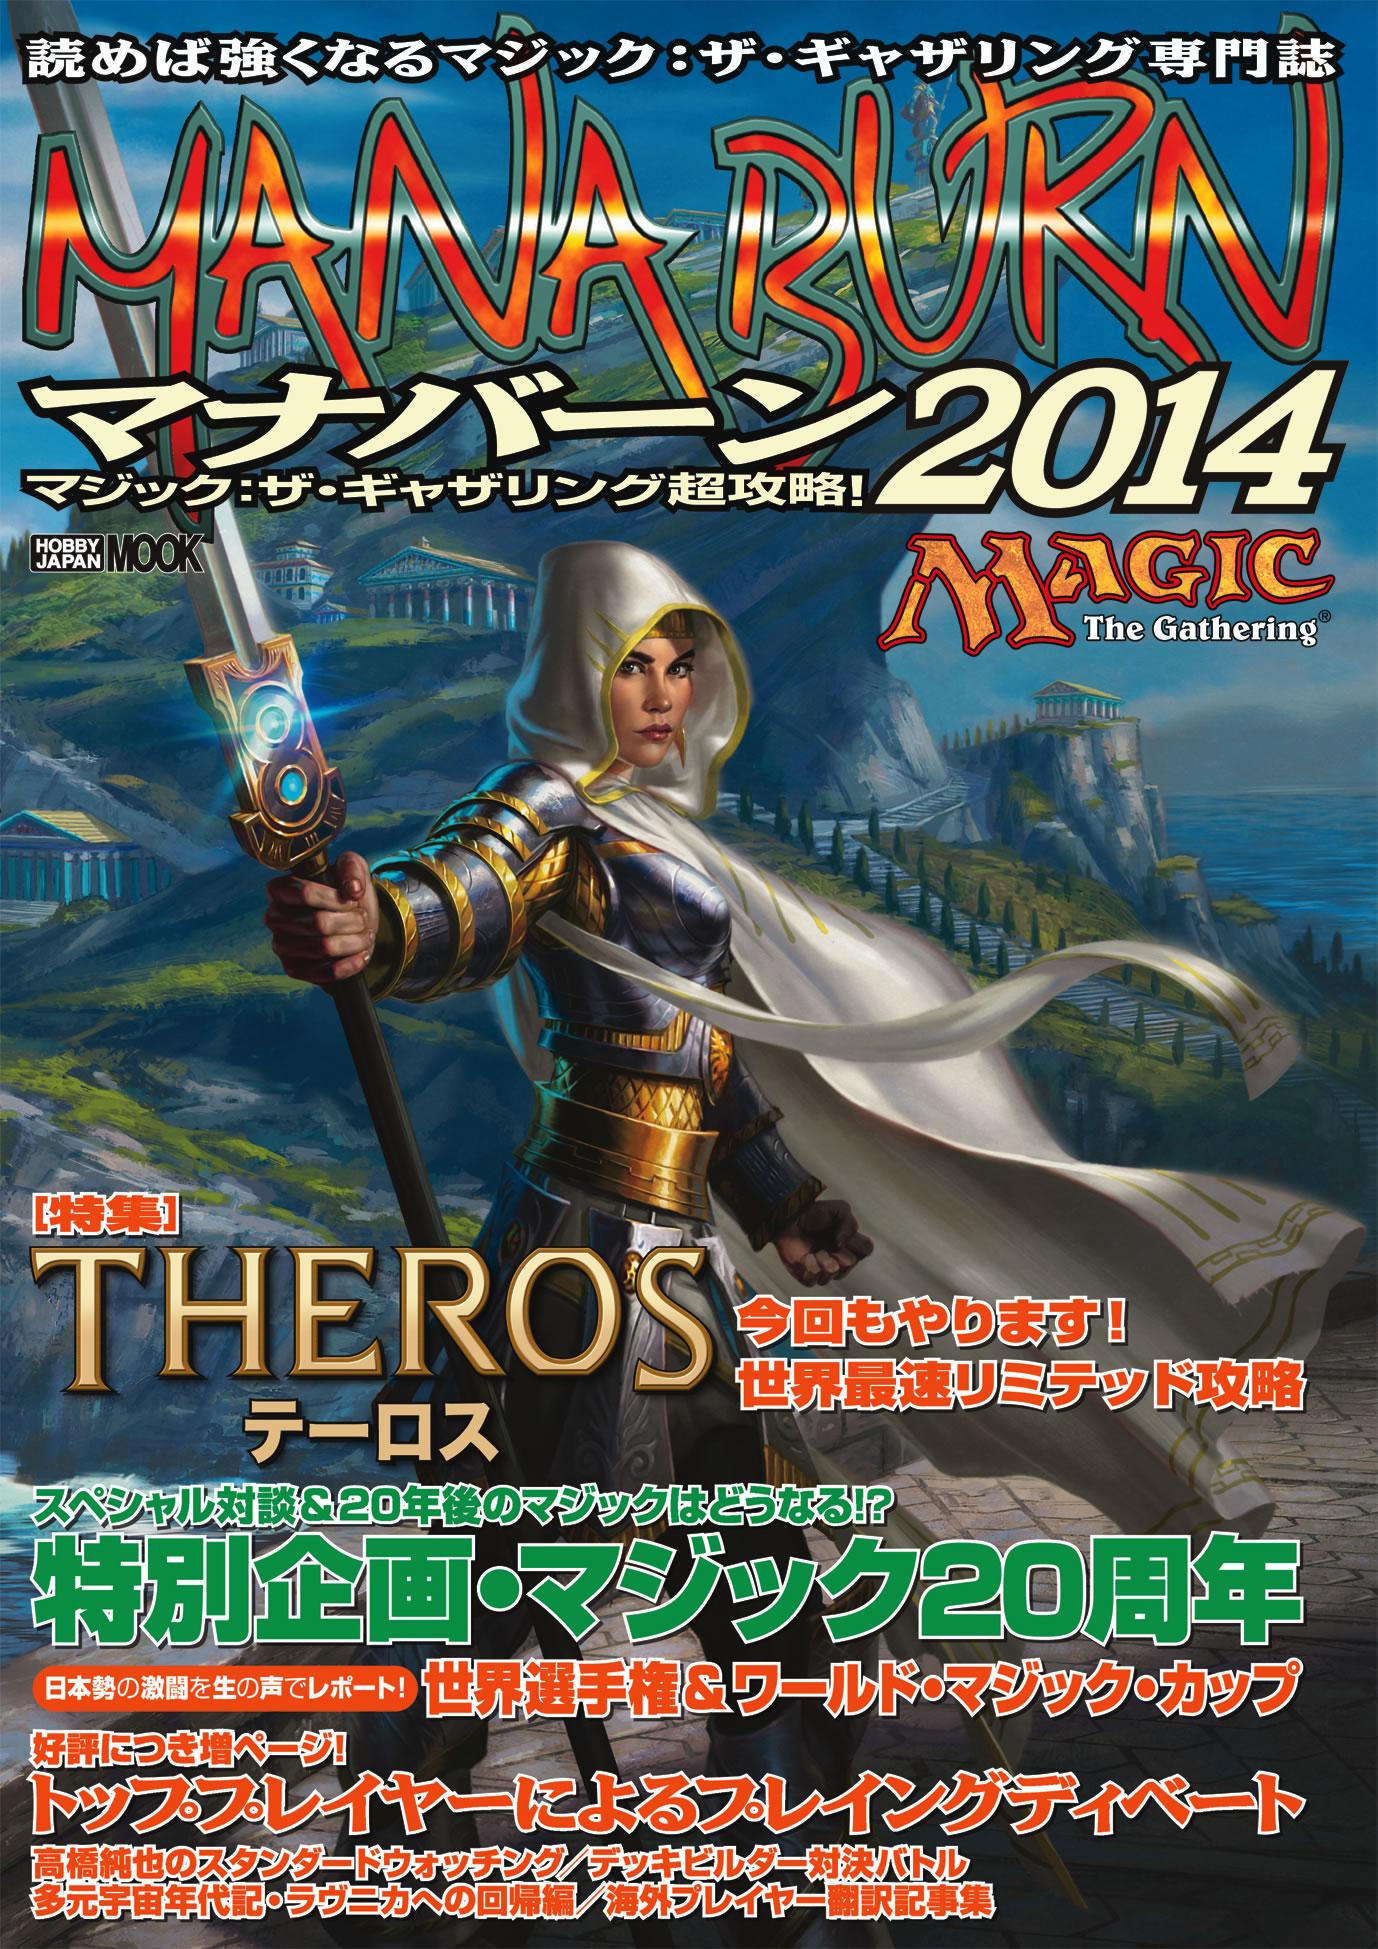 国内唯一の『マジック:ザ・ギャザリング』攻略ムックの最新刊! 最新セット「テーロス」のプレリリースに先駆けて登場! 「マジック:ザ・ギャザリング超攻略! マナバーン2014」9月20日発売